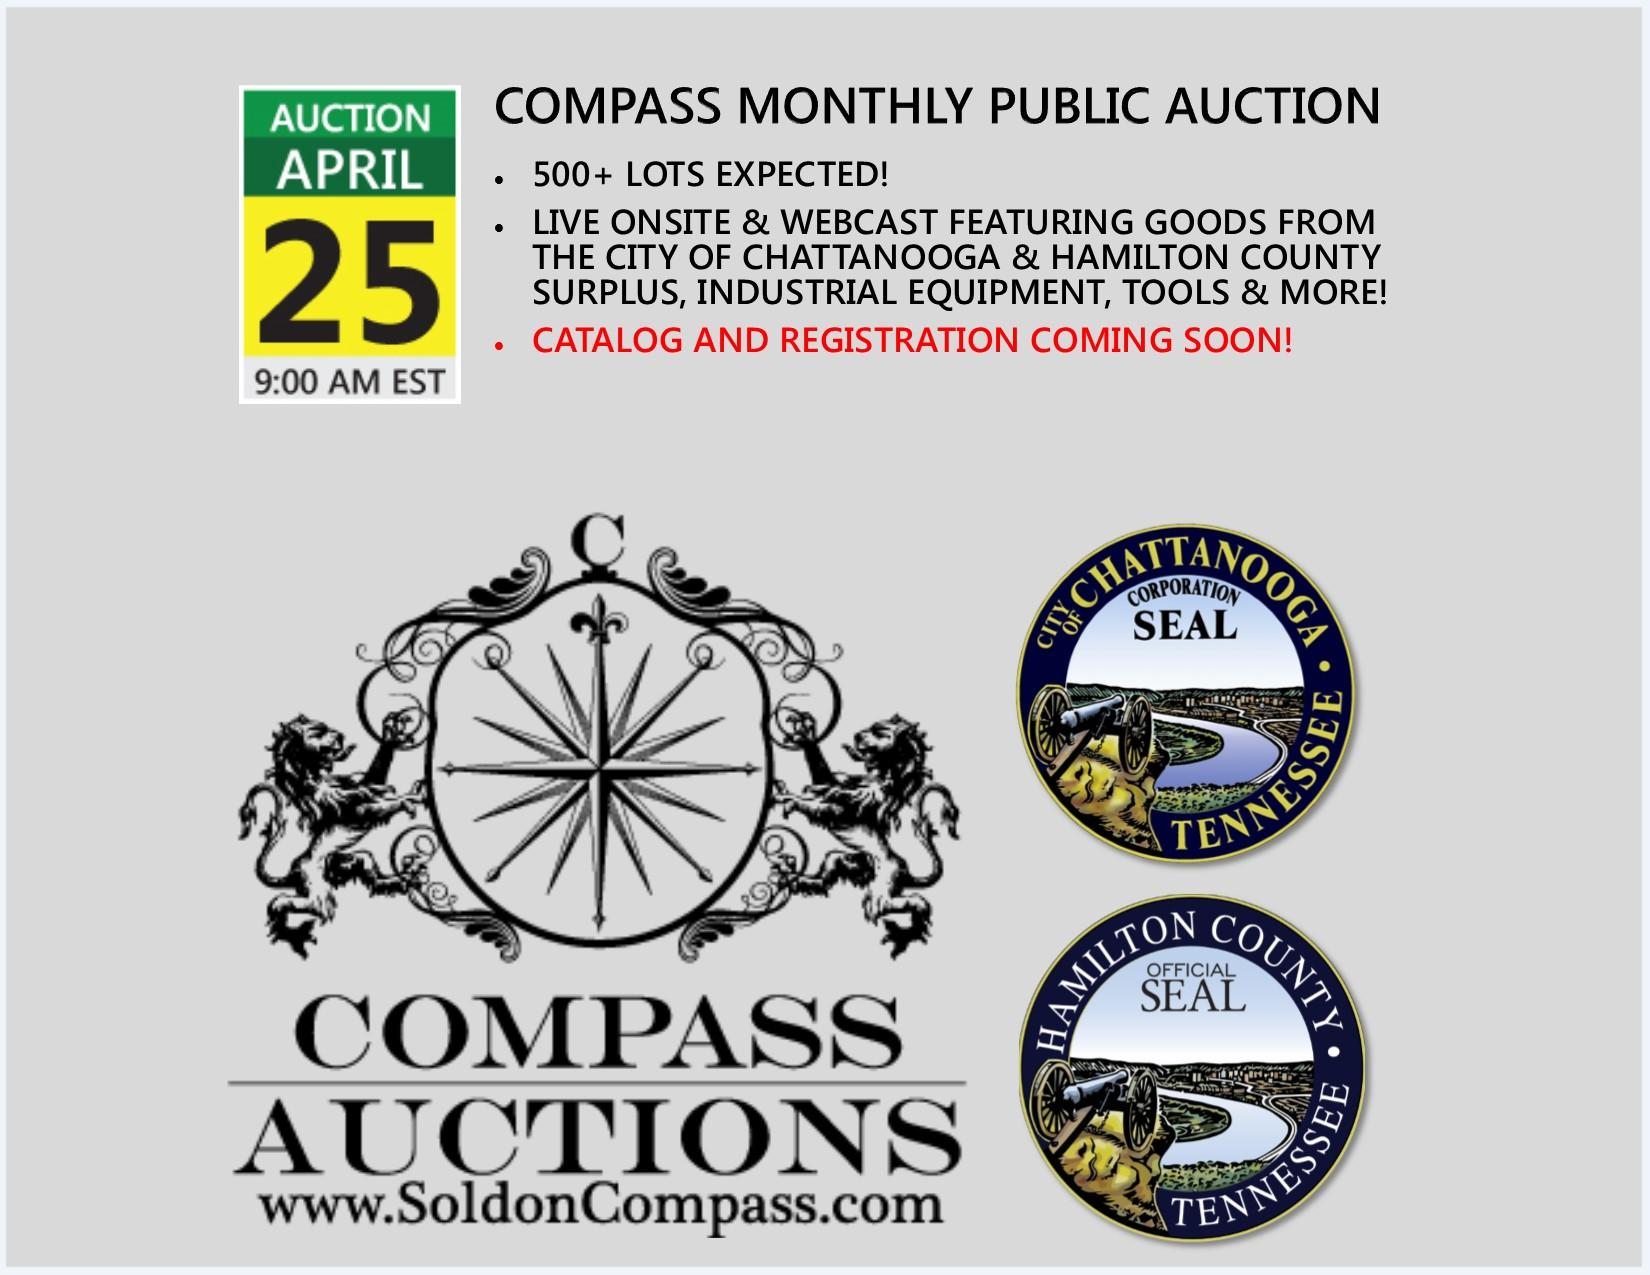 compass auctions monthly public auction industrial surplus April 2018